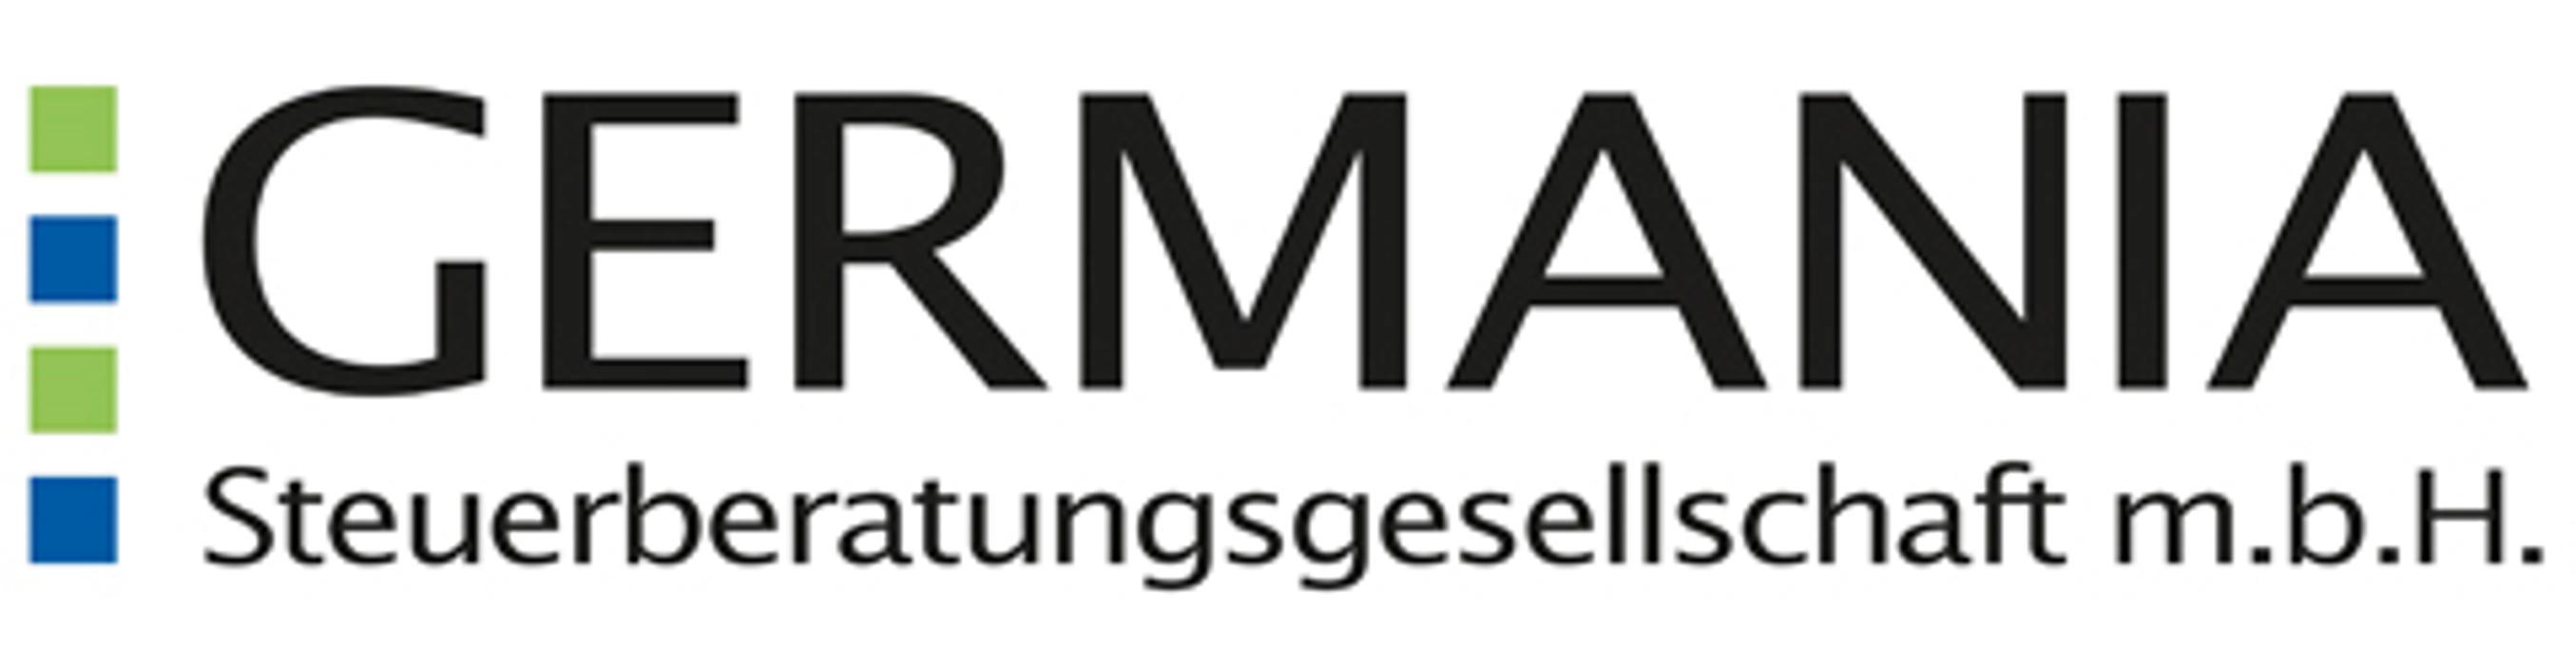 Bild zu Germania Steuerberatungsgesellschaft mbH in München